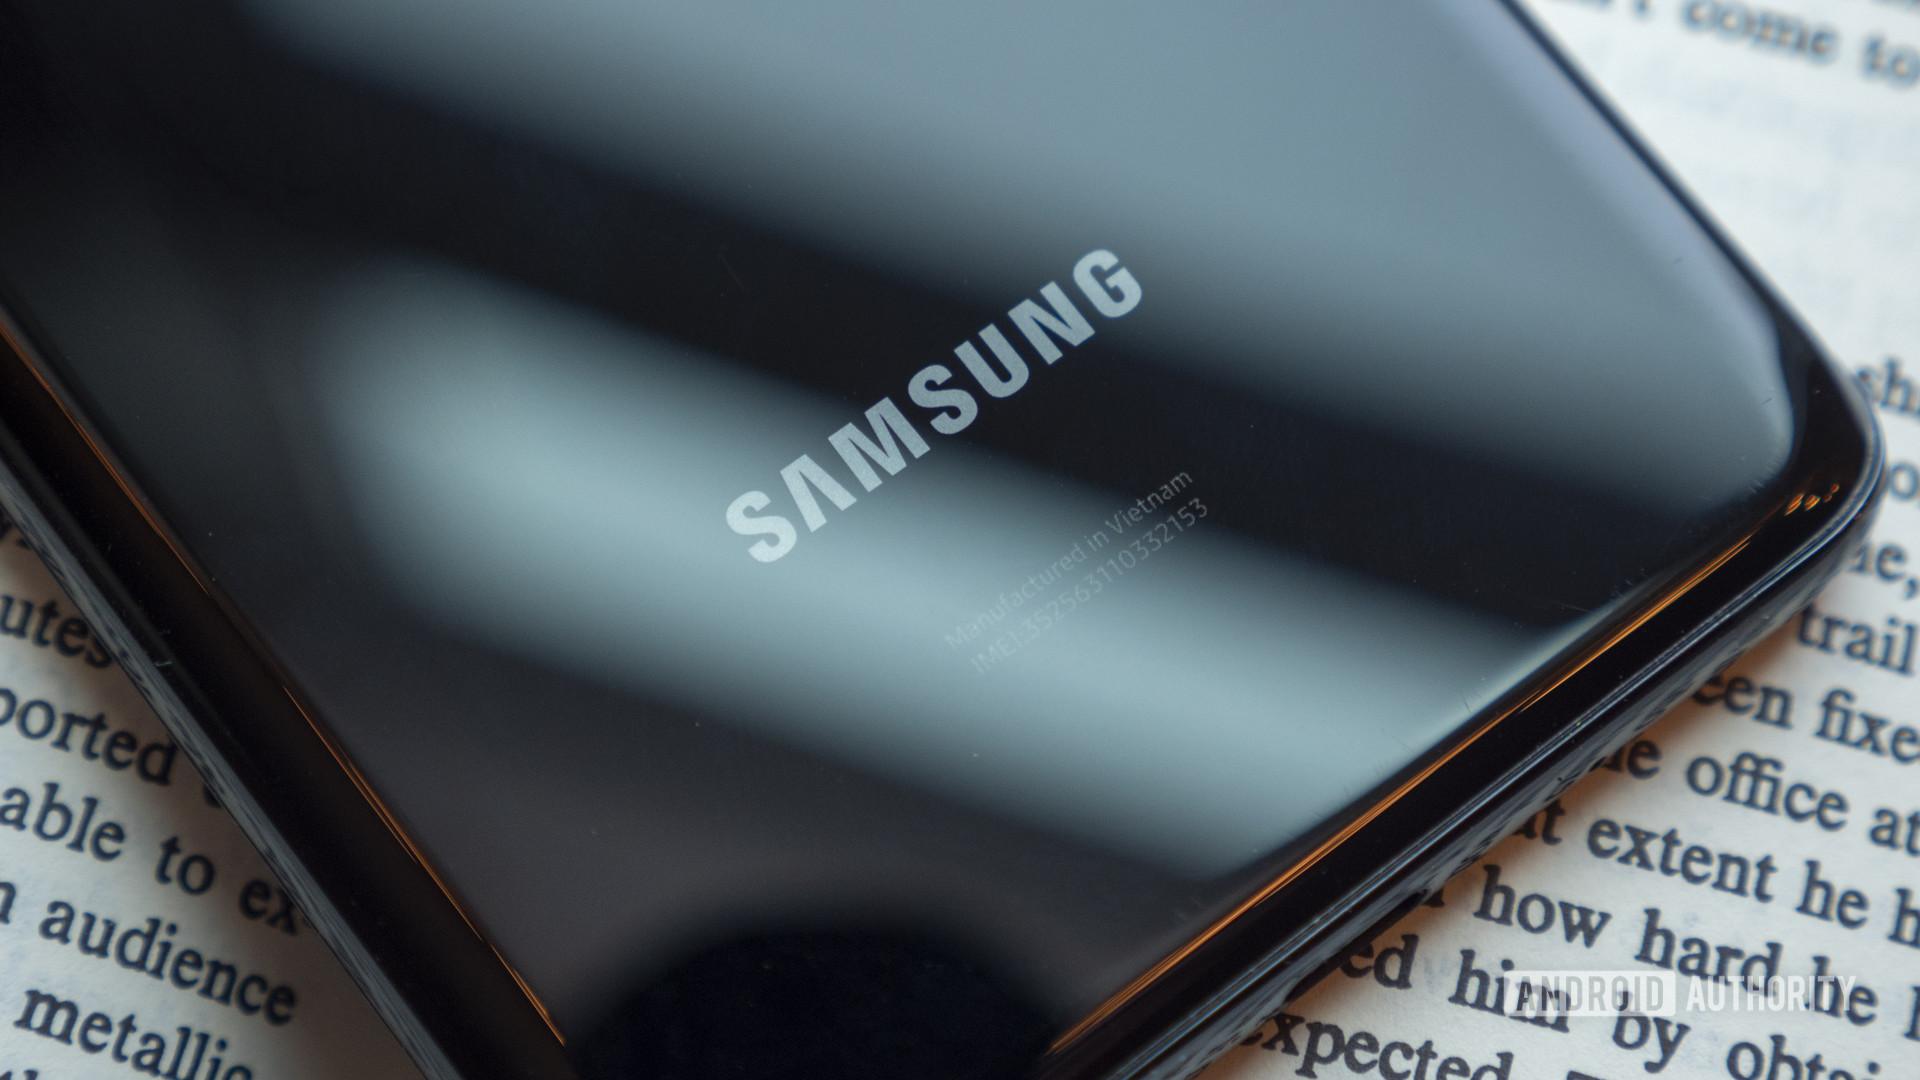 Samsung junto al operador telefónico surcoreano SK Telecom presentan un teléfono inteligente 5G con seguridad cuántica y una función de autenticación basada en blockchain